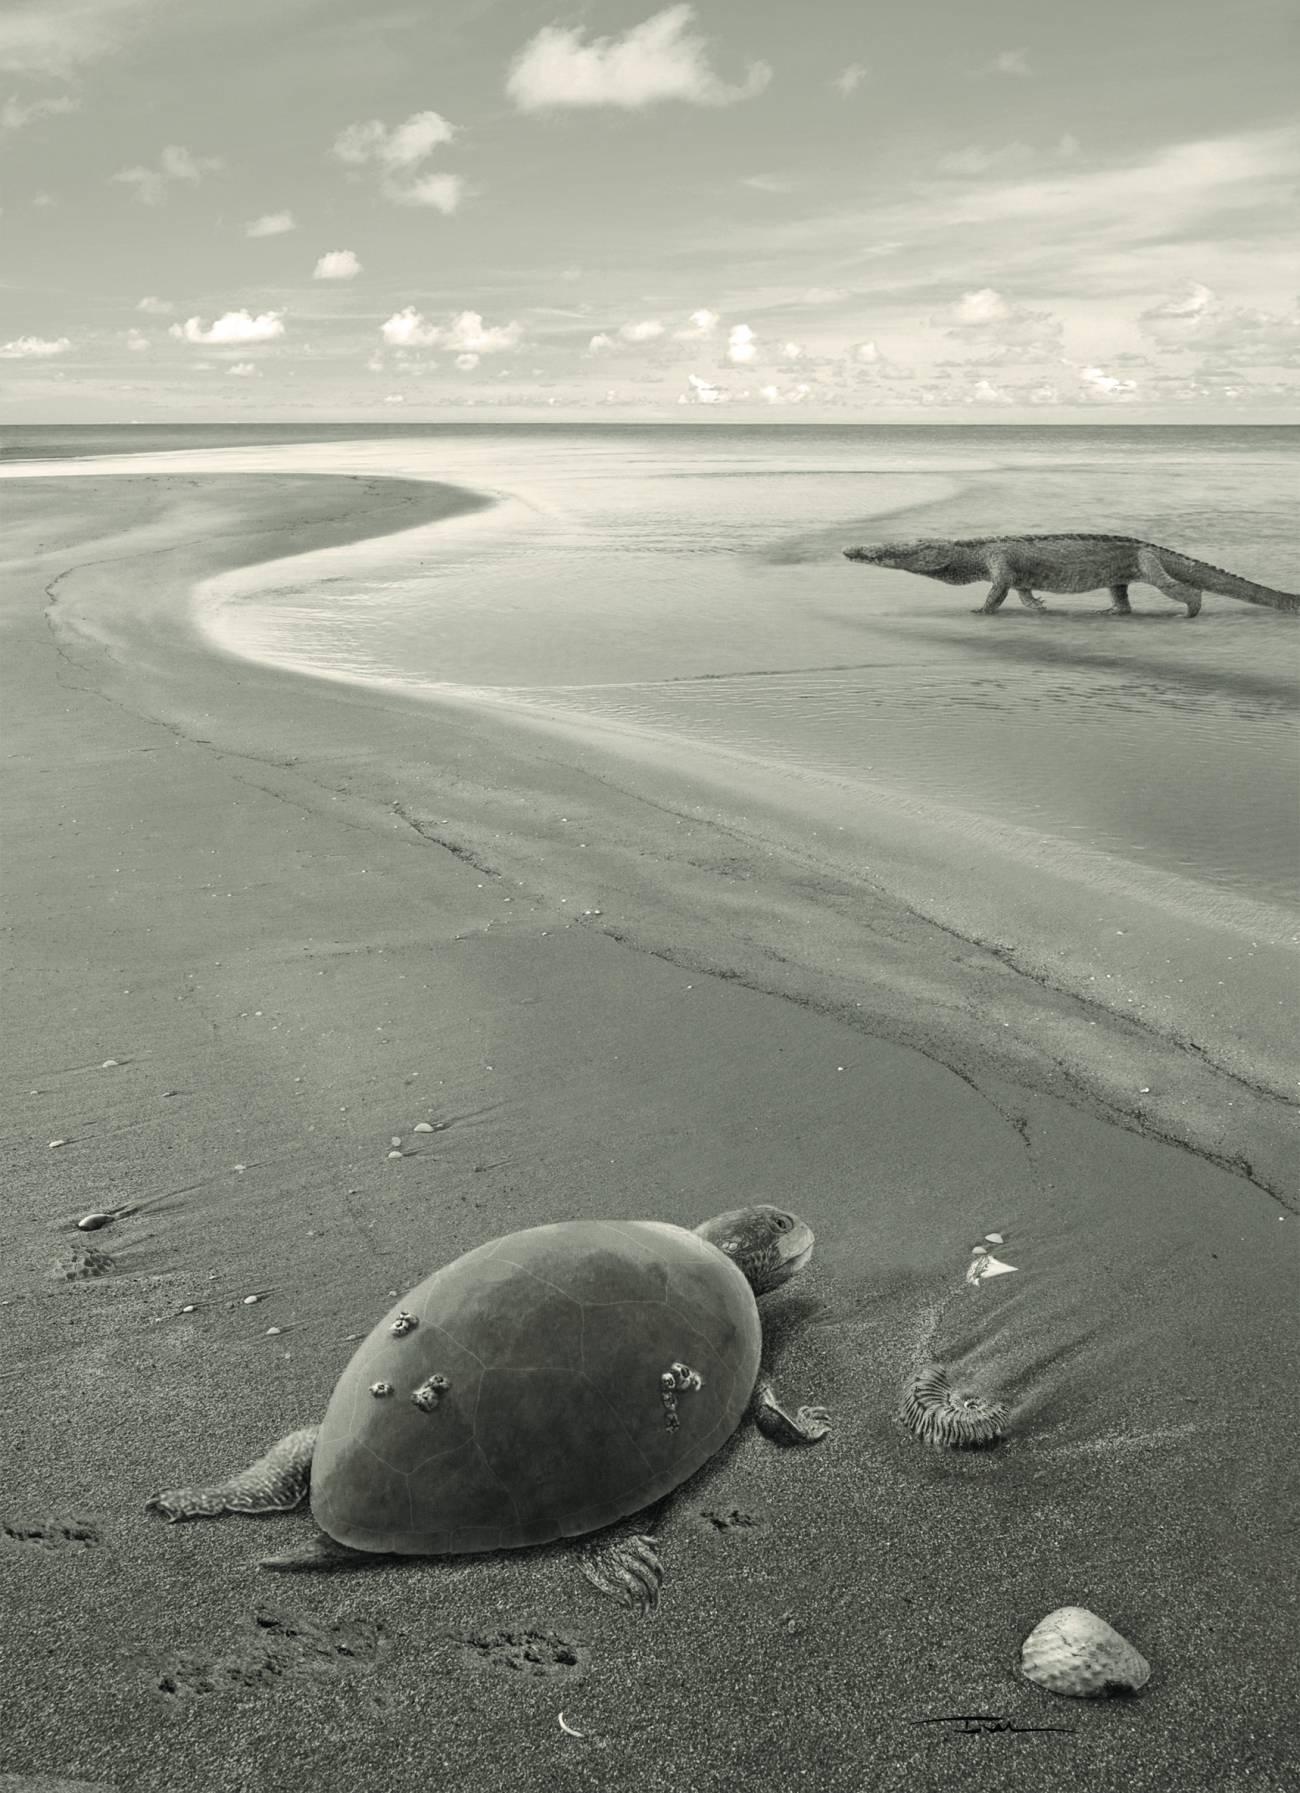 Reconstrucción de 'Plesiochelyidae indeterminado' en un paisaje costero del Jurásico superior ibérico. / Iván Gromicho